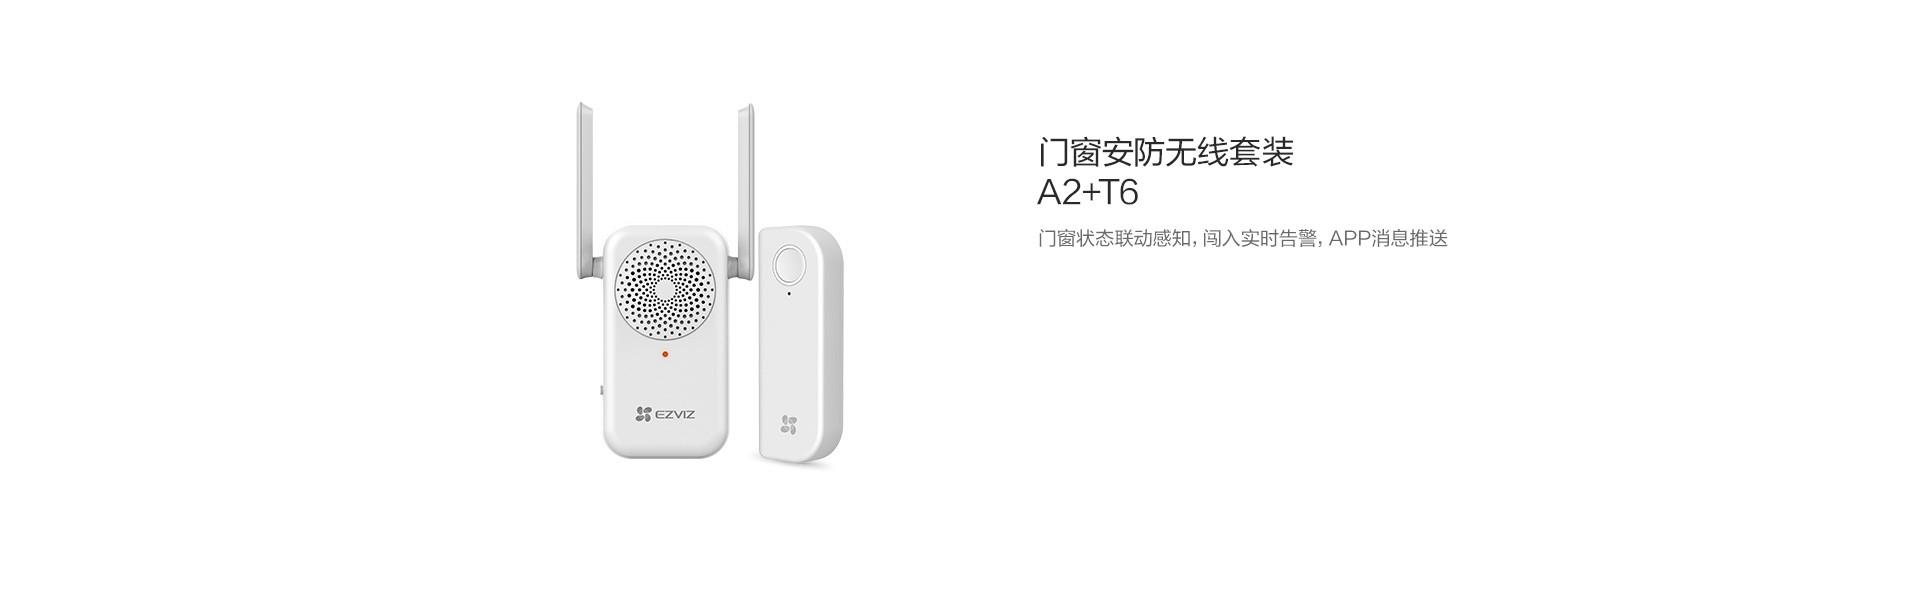 A2+T6-2.jpg